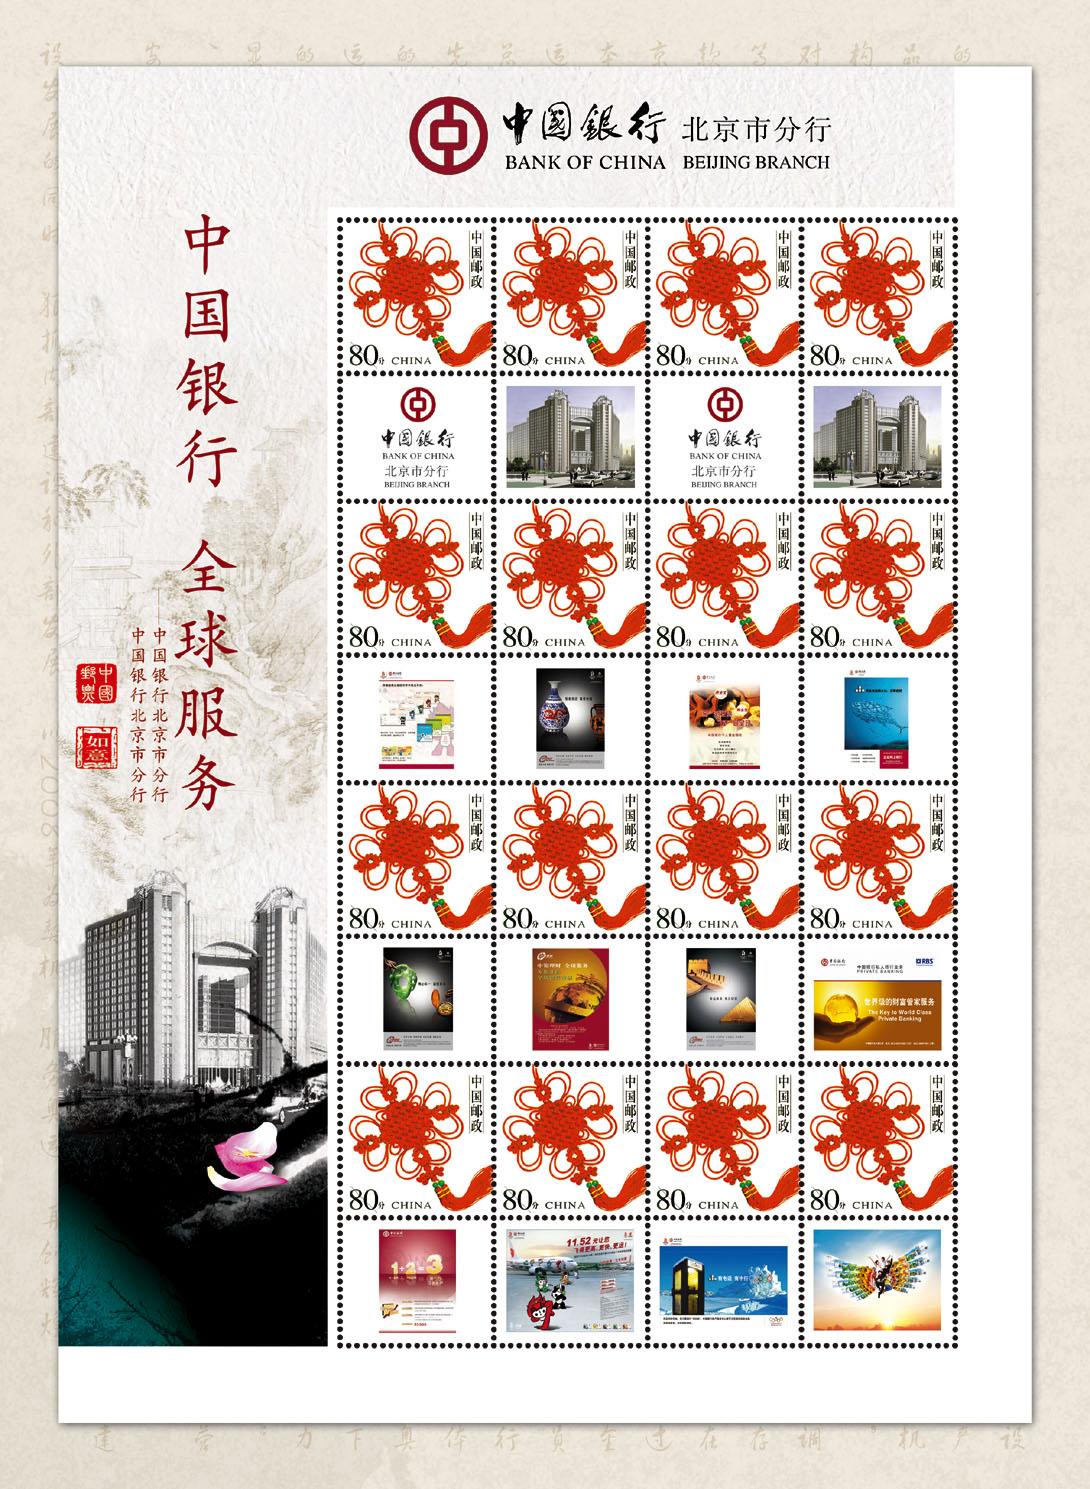 中国银行个性化邮票